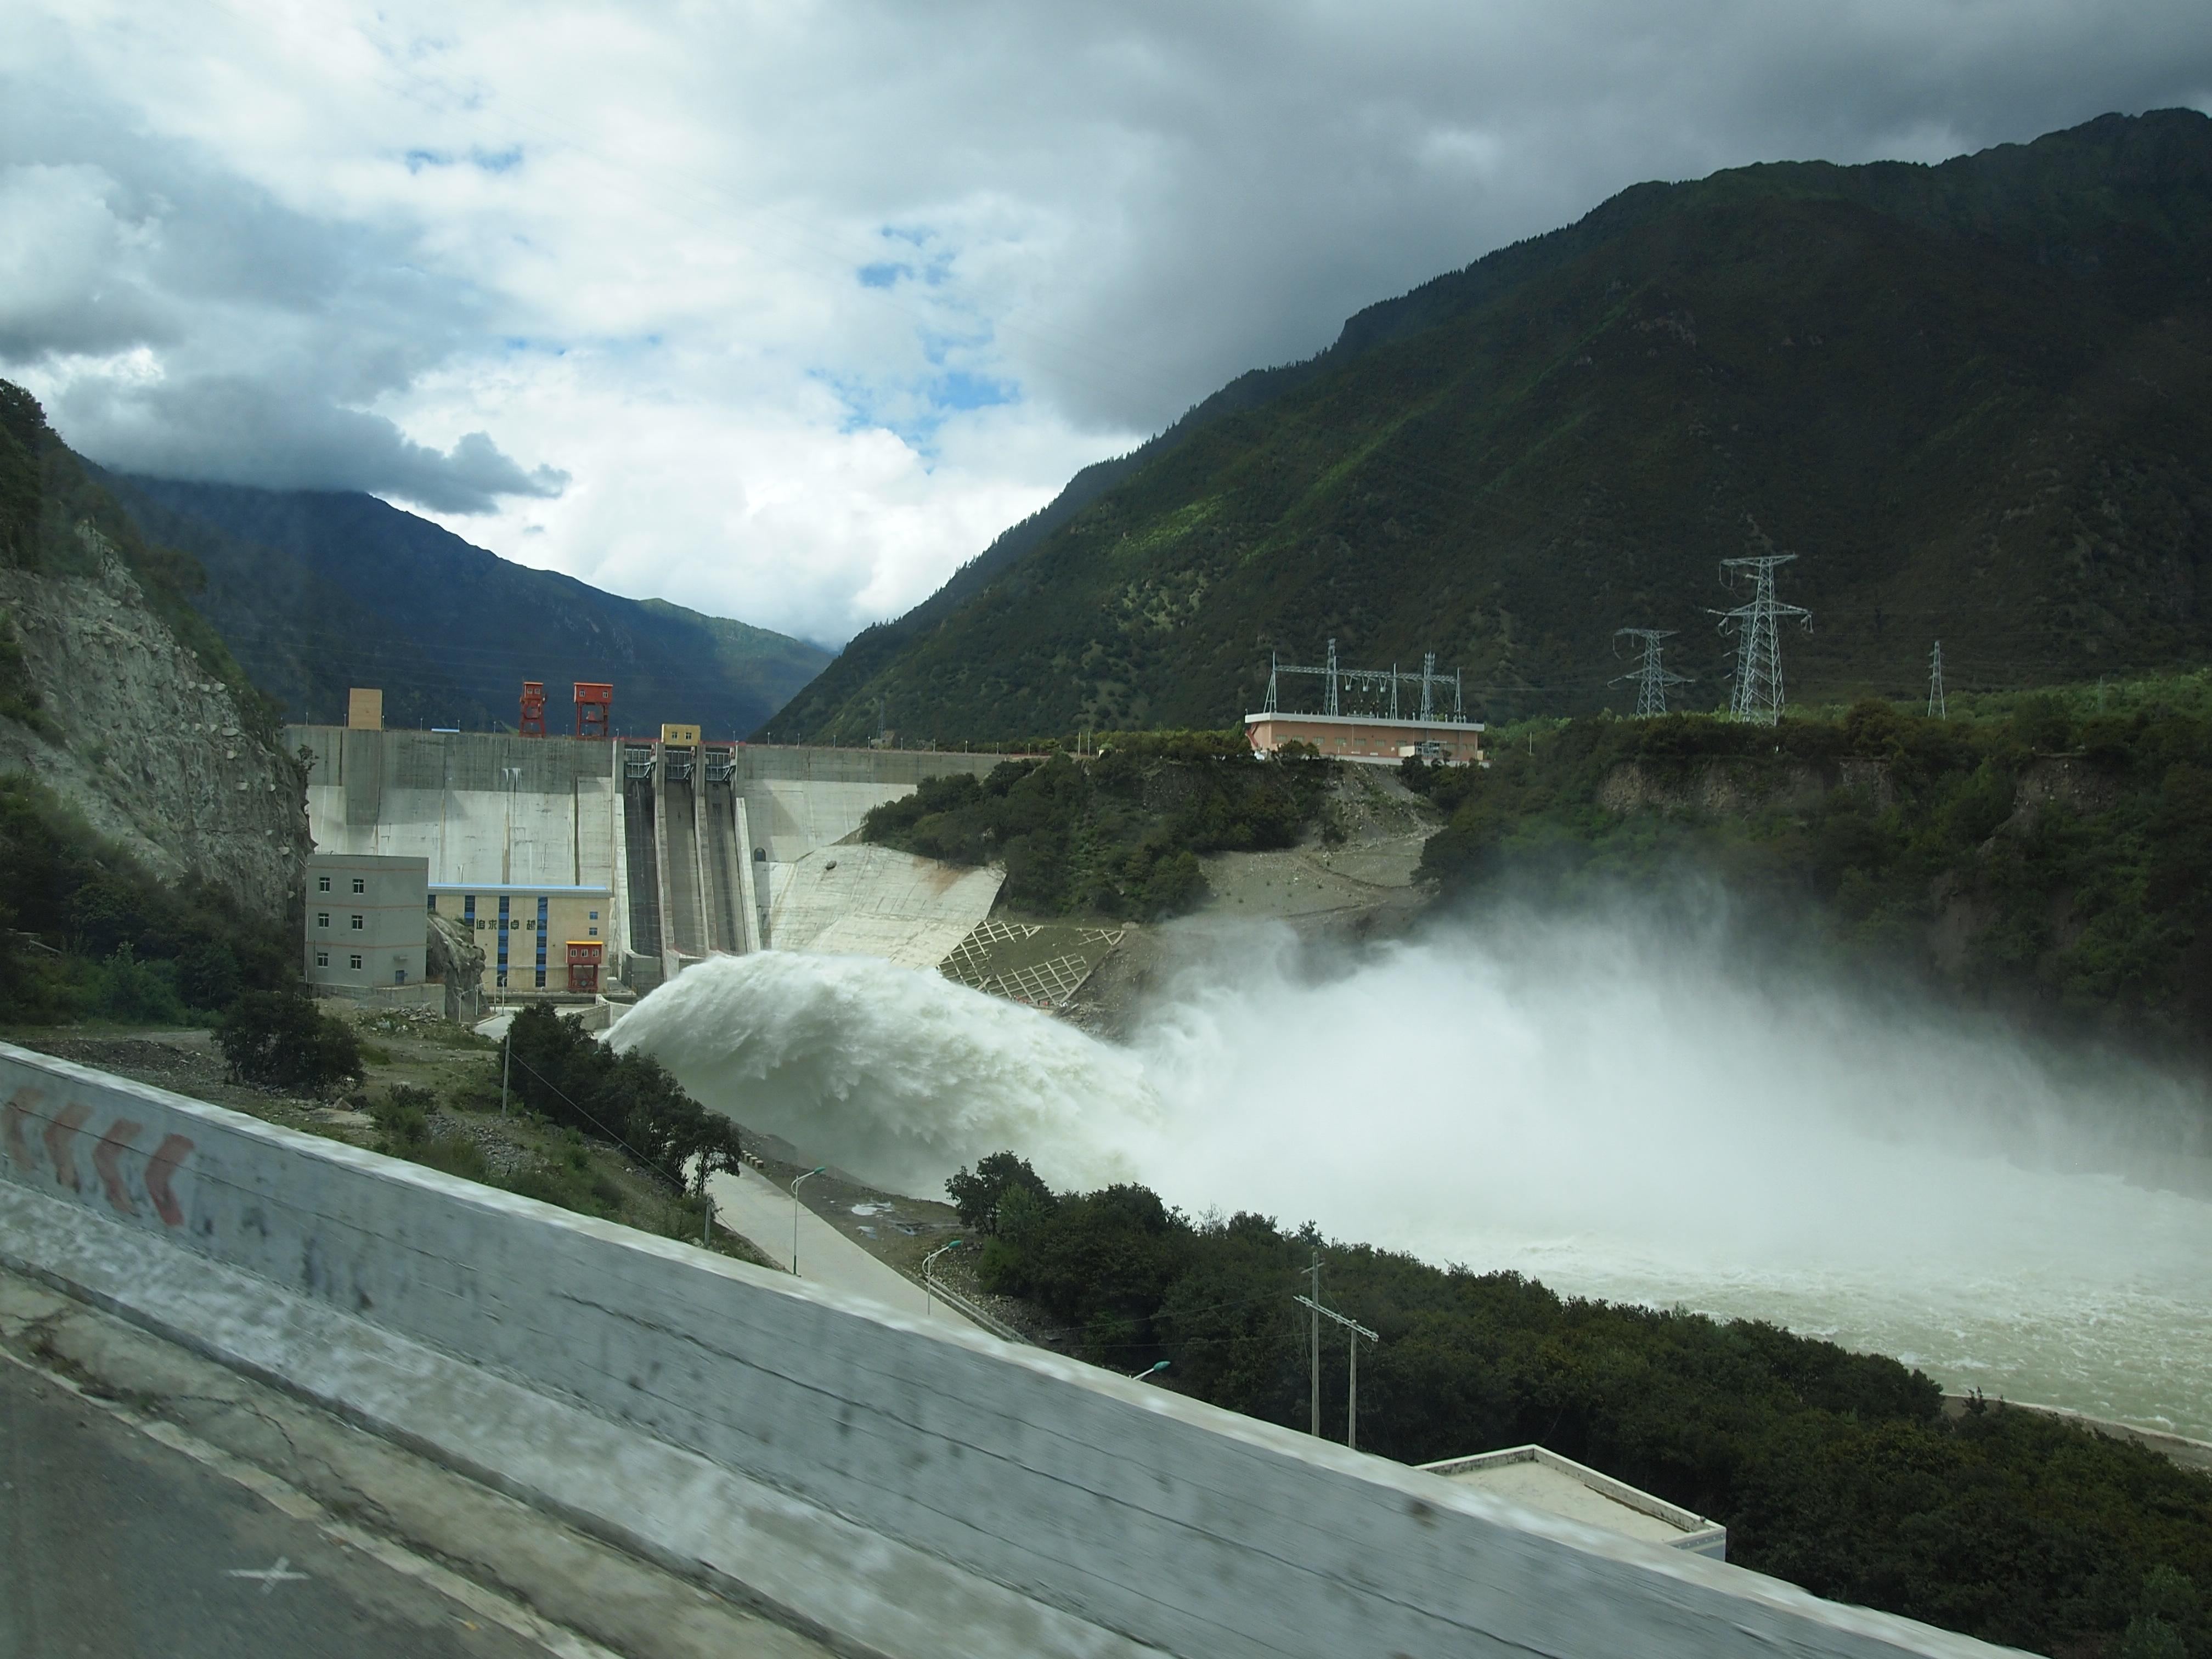 赤水市拟拆除5座小水电站 完成63座水电站整改